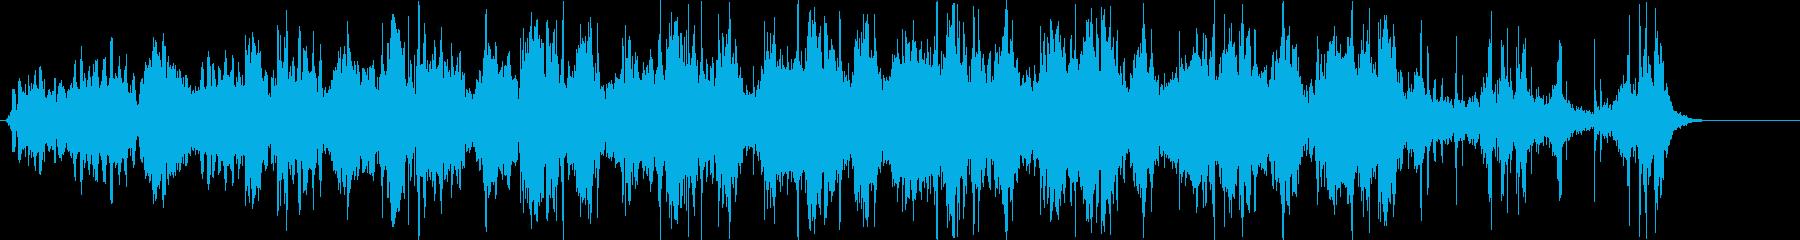 幻想的で近未来的、洗練された宇宙的な音。の再生済みの波形